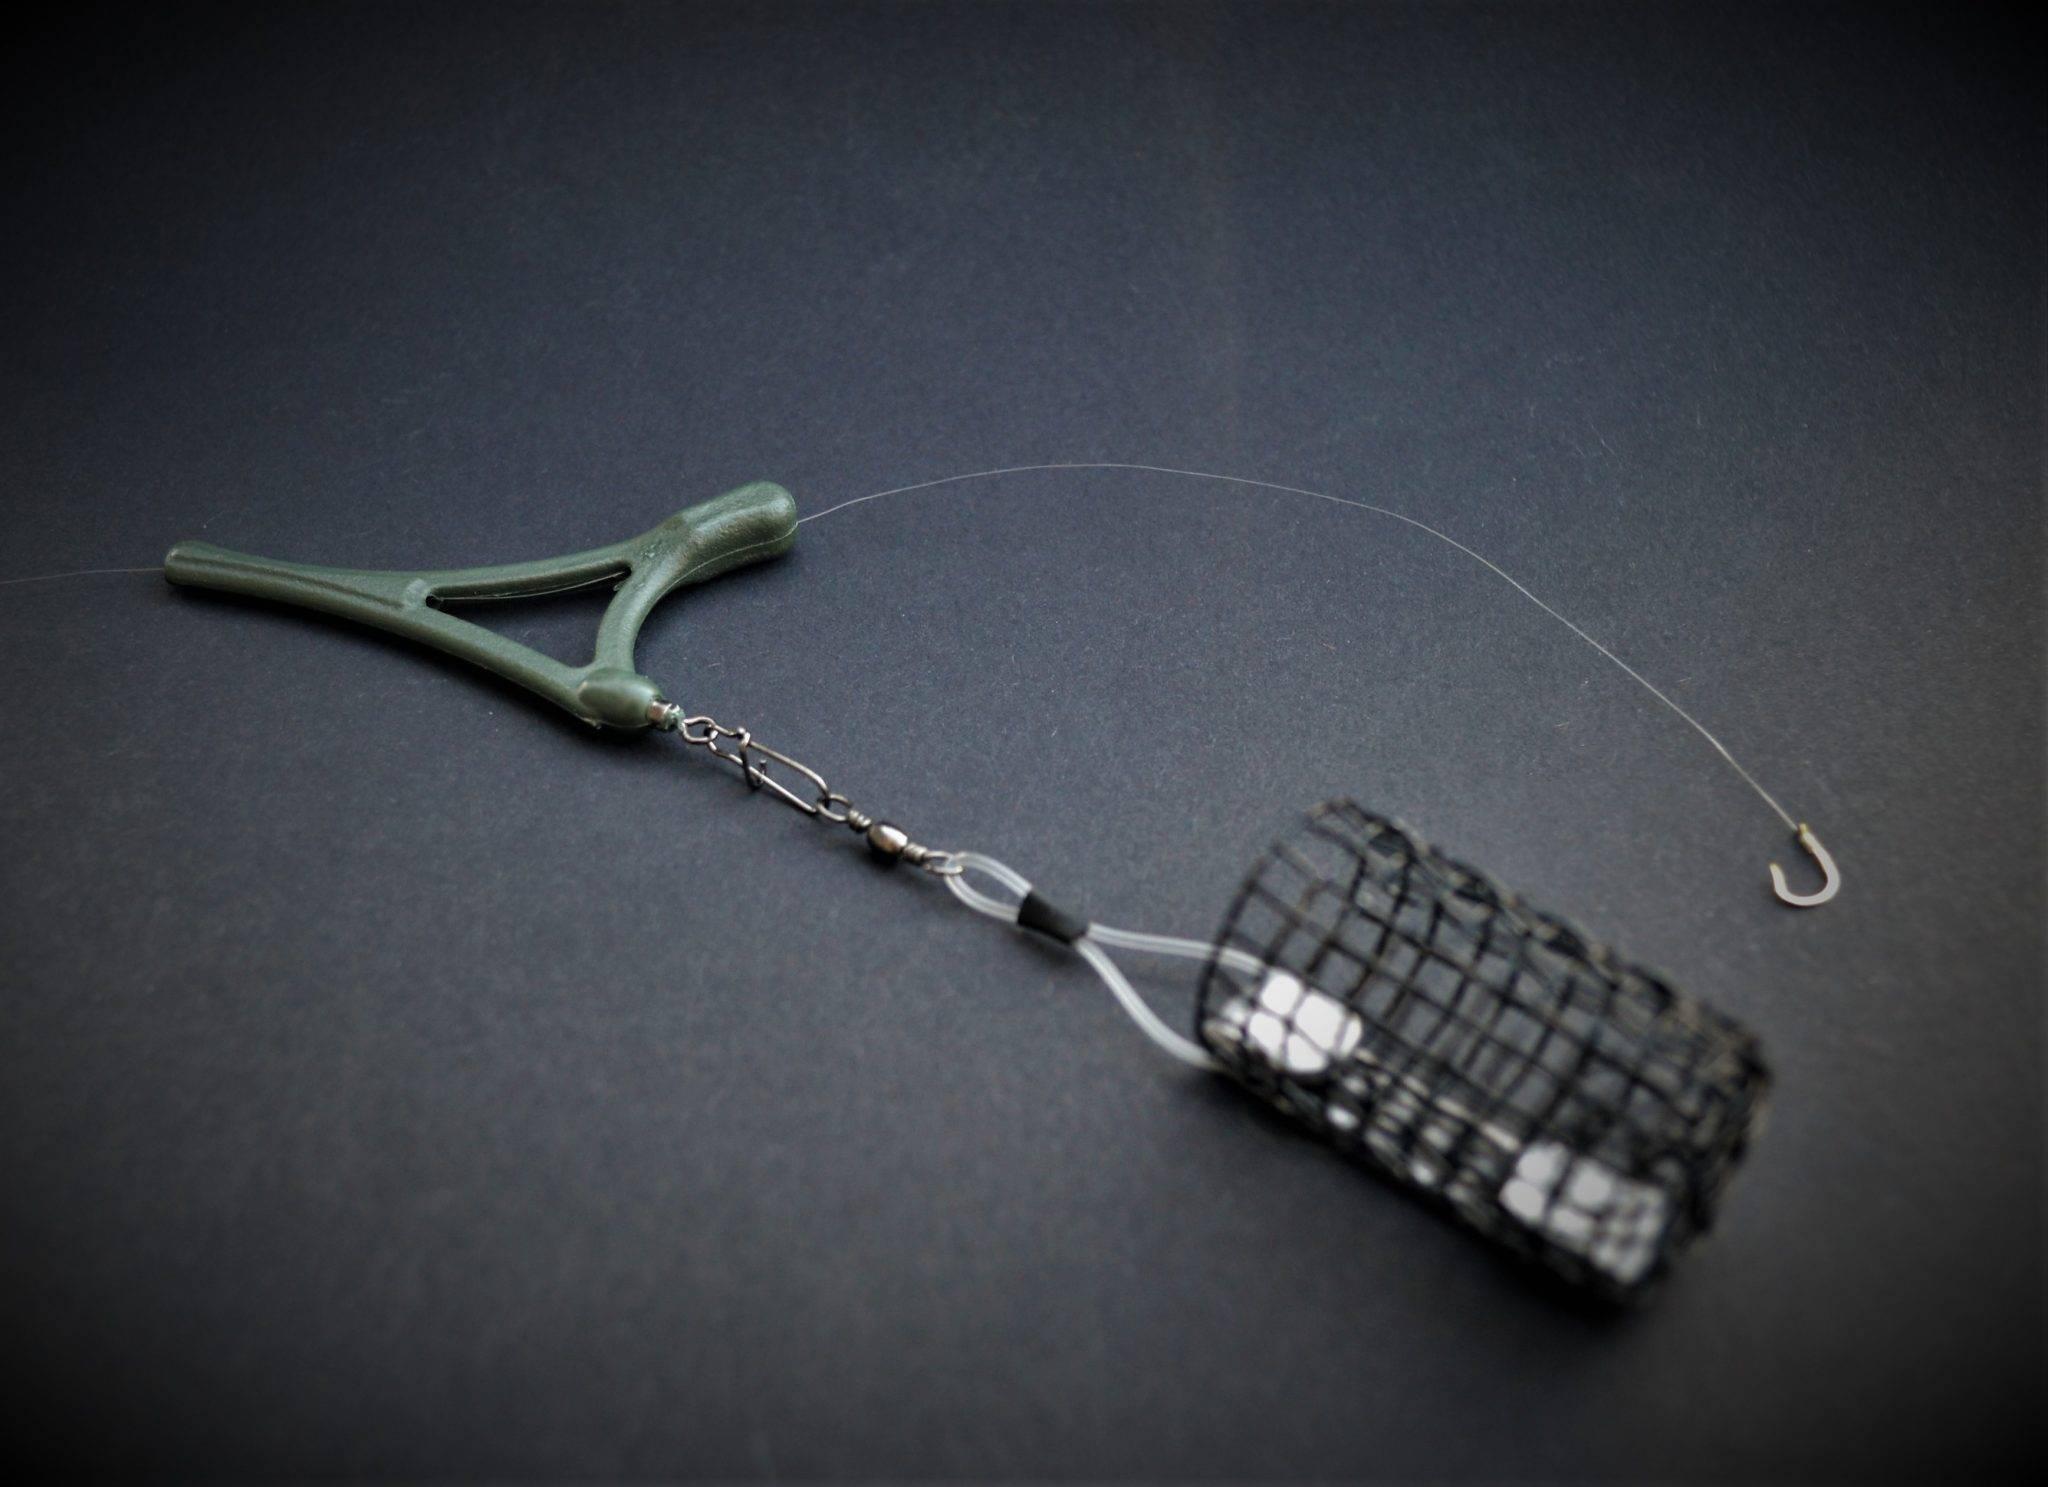 Монтаж фидера: распространенные ошибки, секреты и пошаговая инструкция для новичков (100 фото)